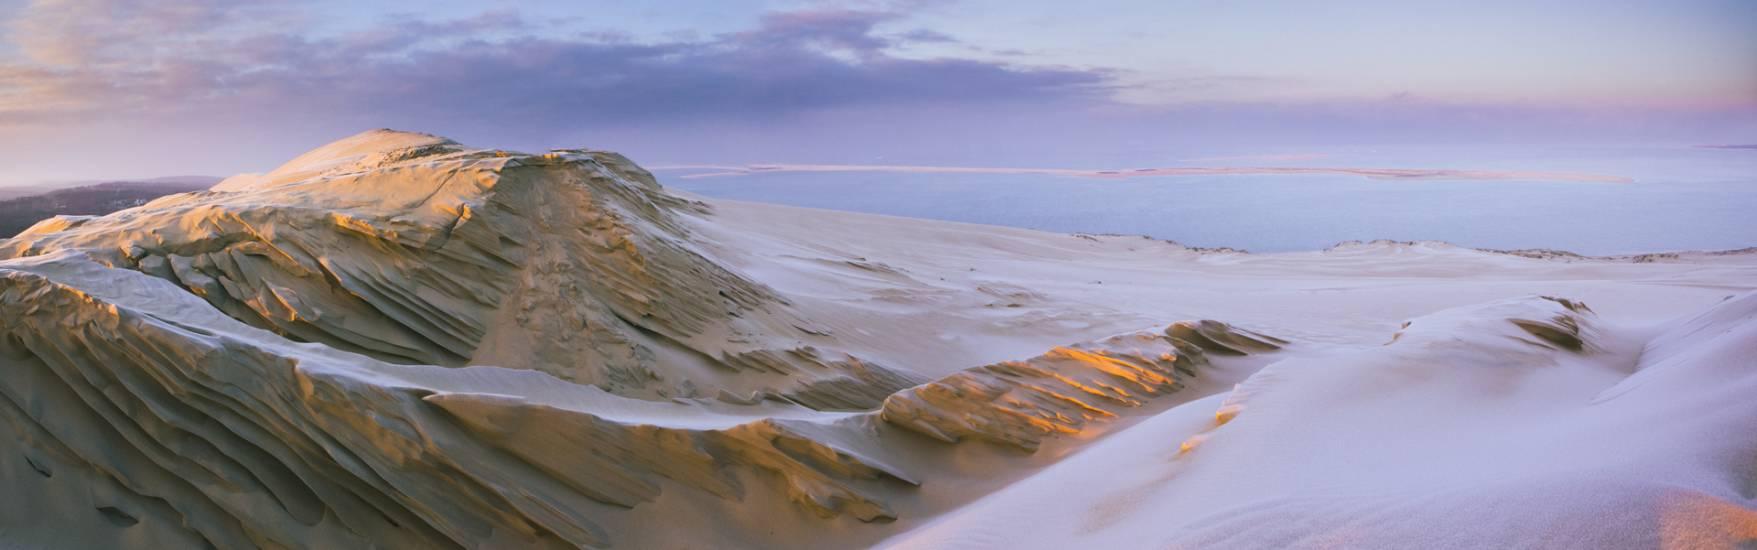 Photo Bassin d'Arcachon : Bassin d'Arcachon - Dune du Pilat #16